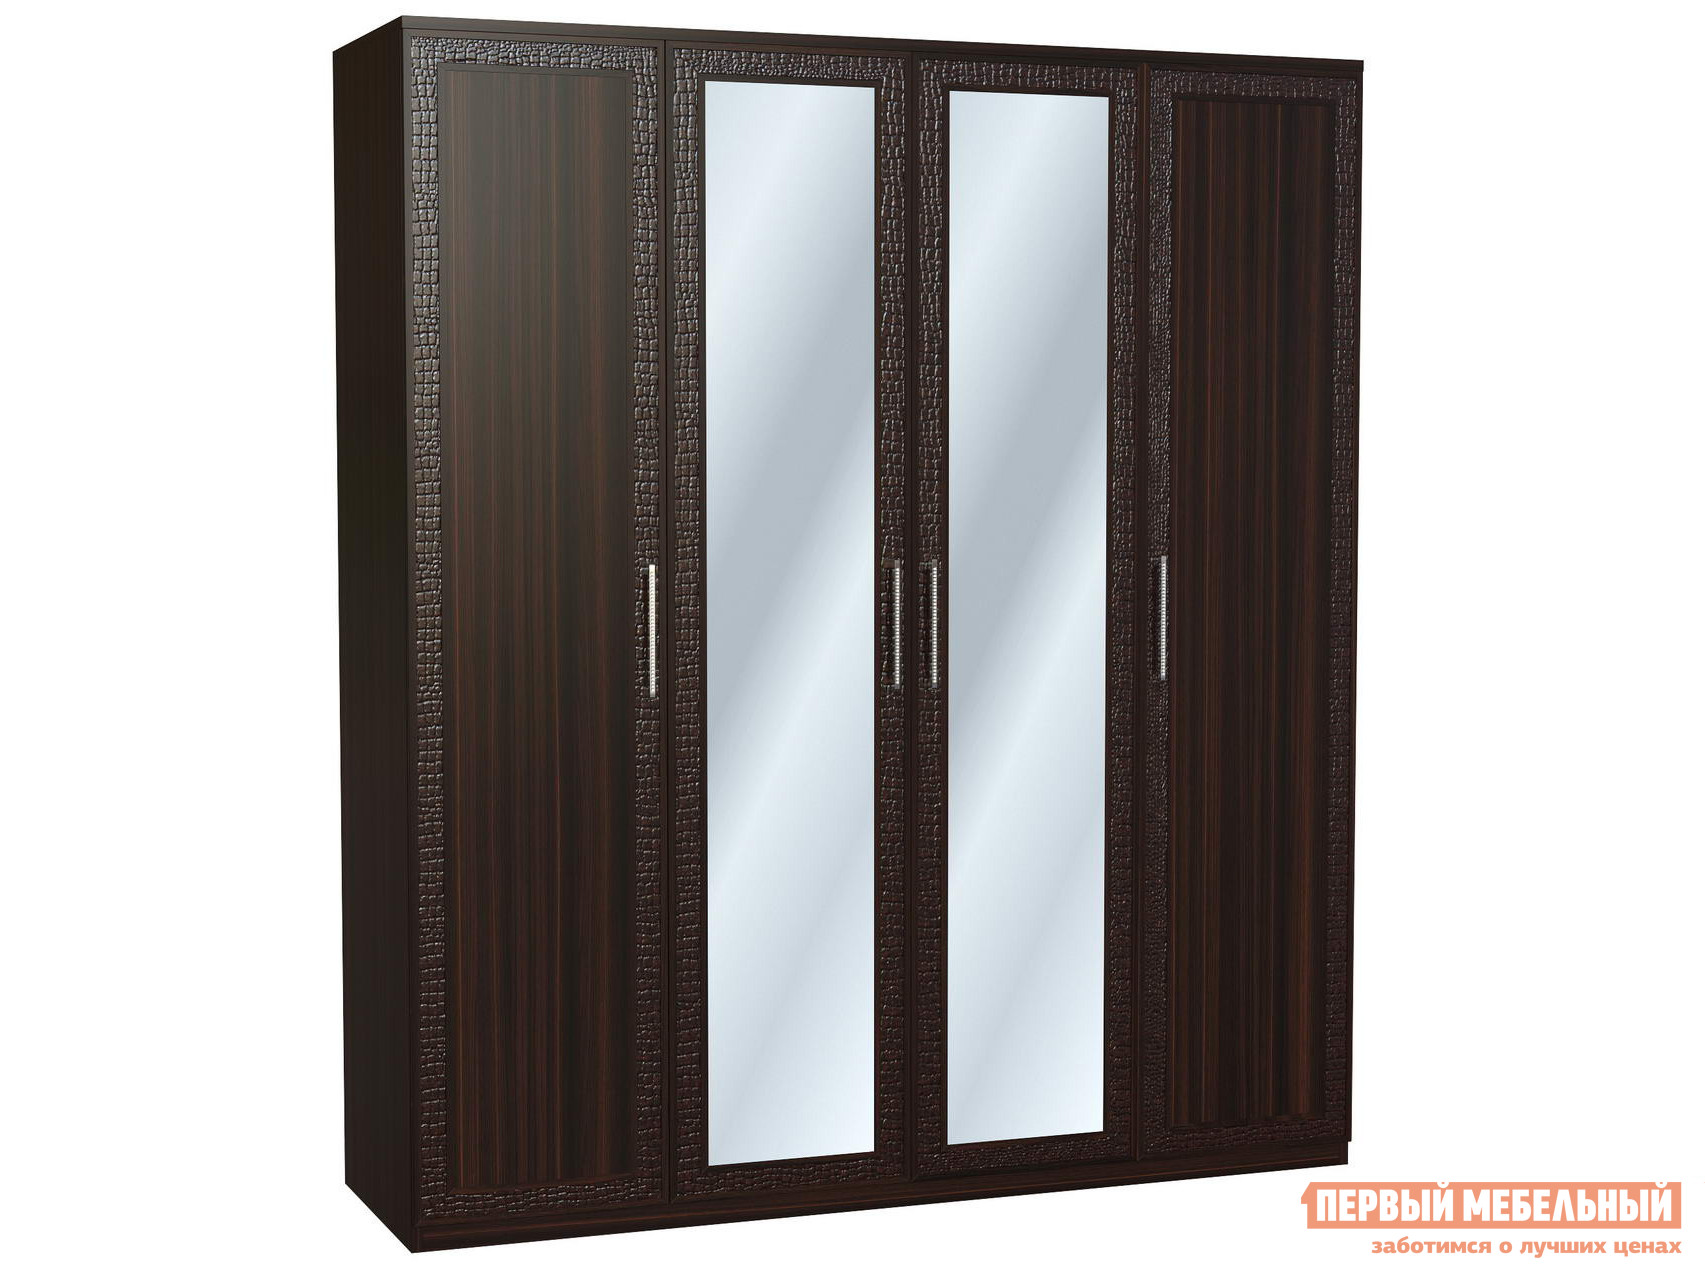 Шкаф 4-х дверный с зеркалом Первый Мебельный Тоскана Ш4 шкаф 4 х дверный с зеркалом ребекка